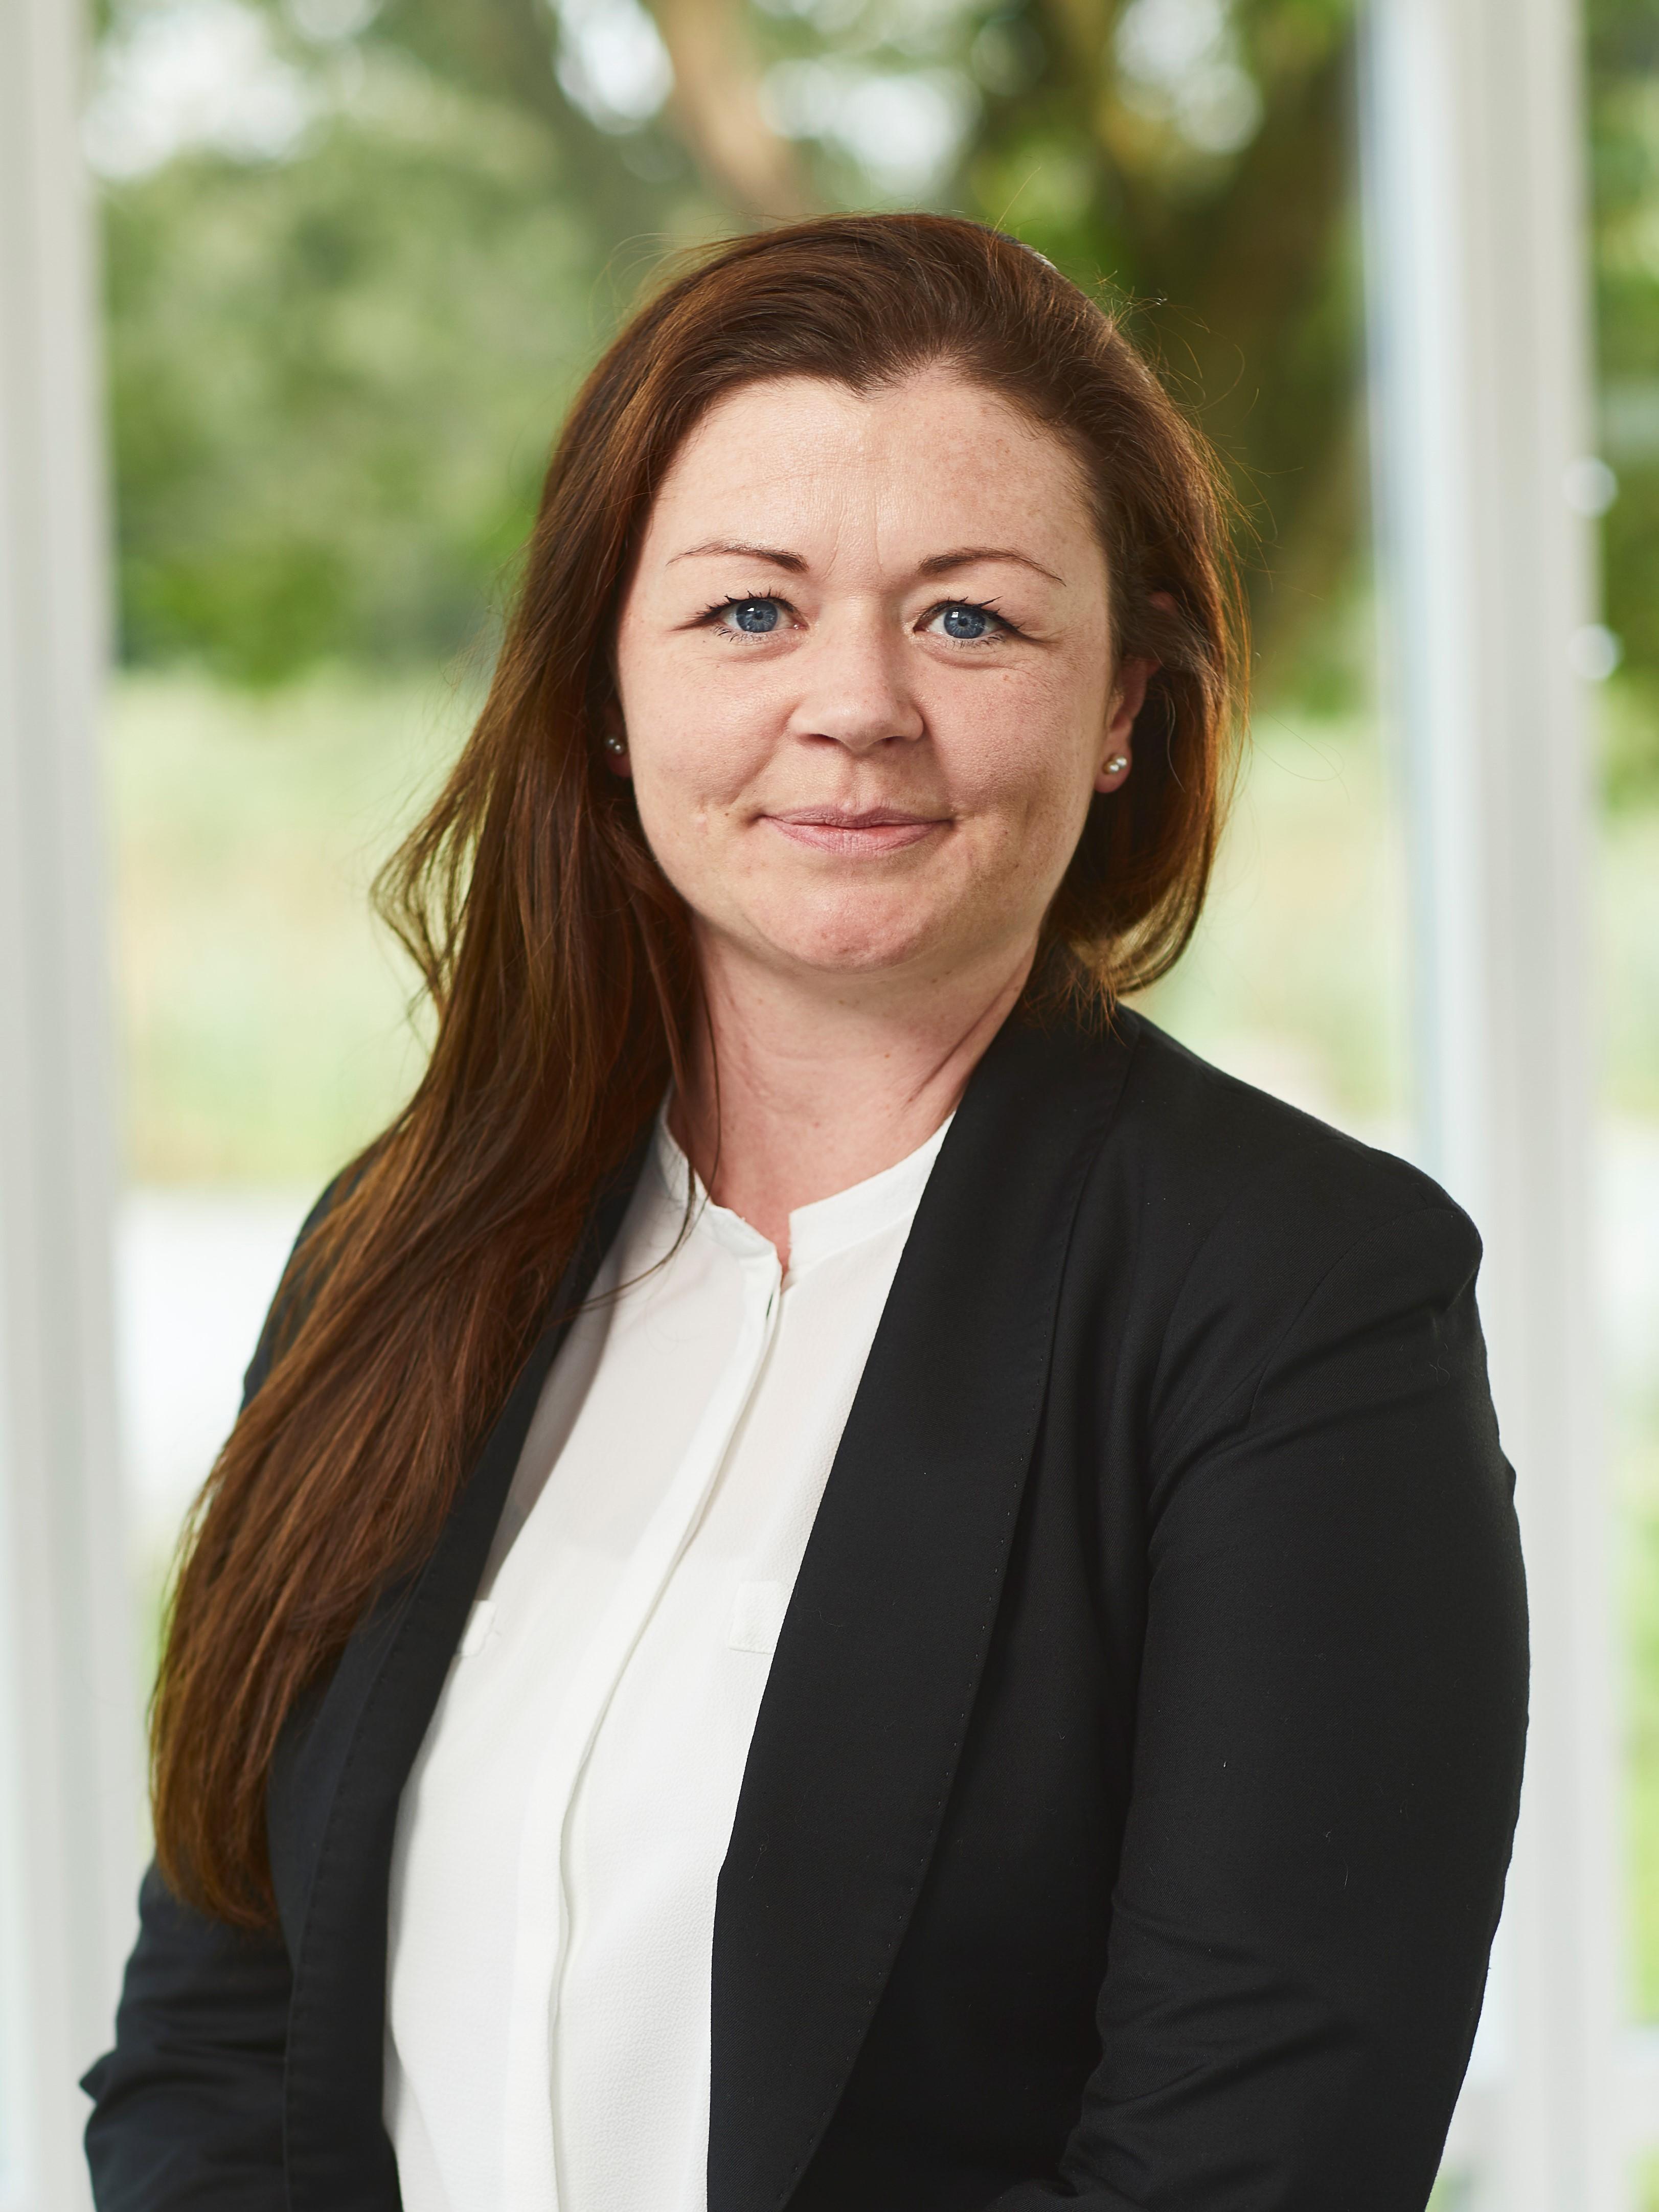 Maria Almind